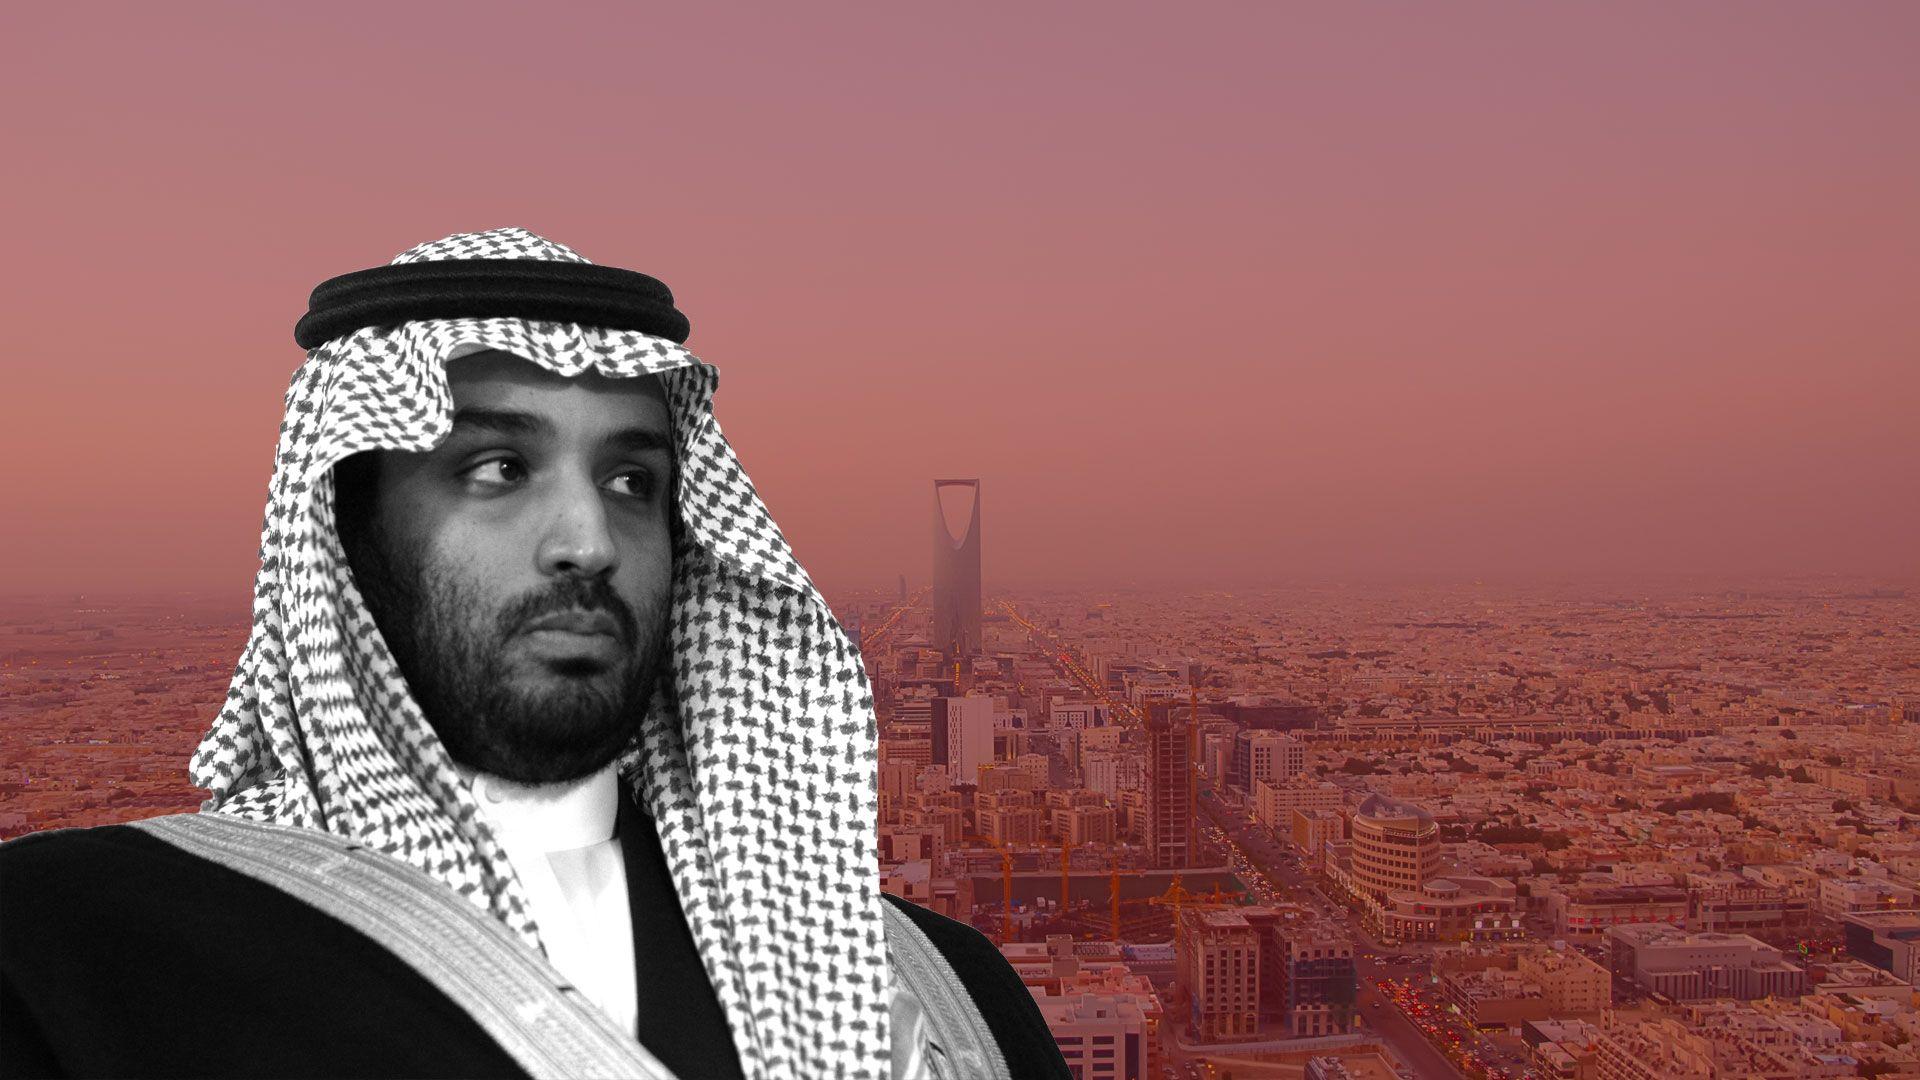 حرمتشکنی جدید آل سعود/ باز شدن پای مدلینگ زنان جهان به عربستان